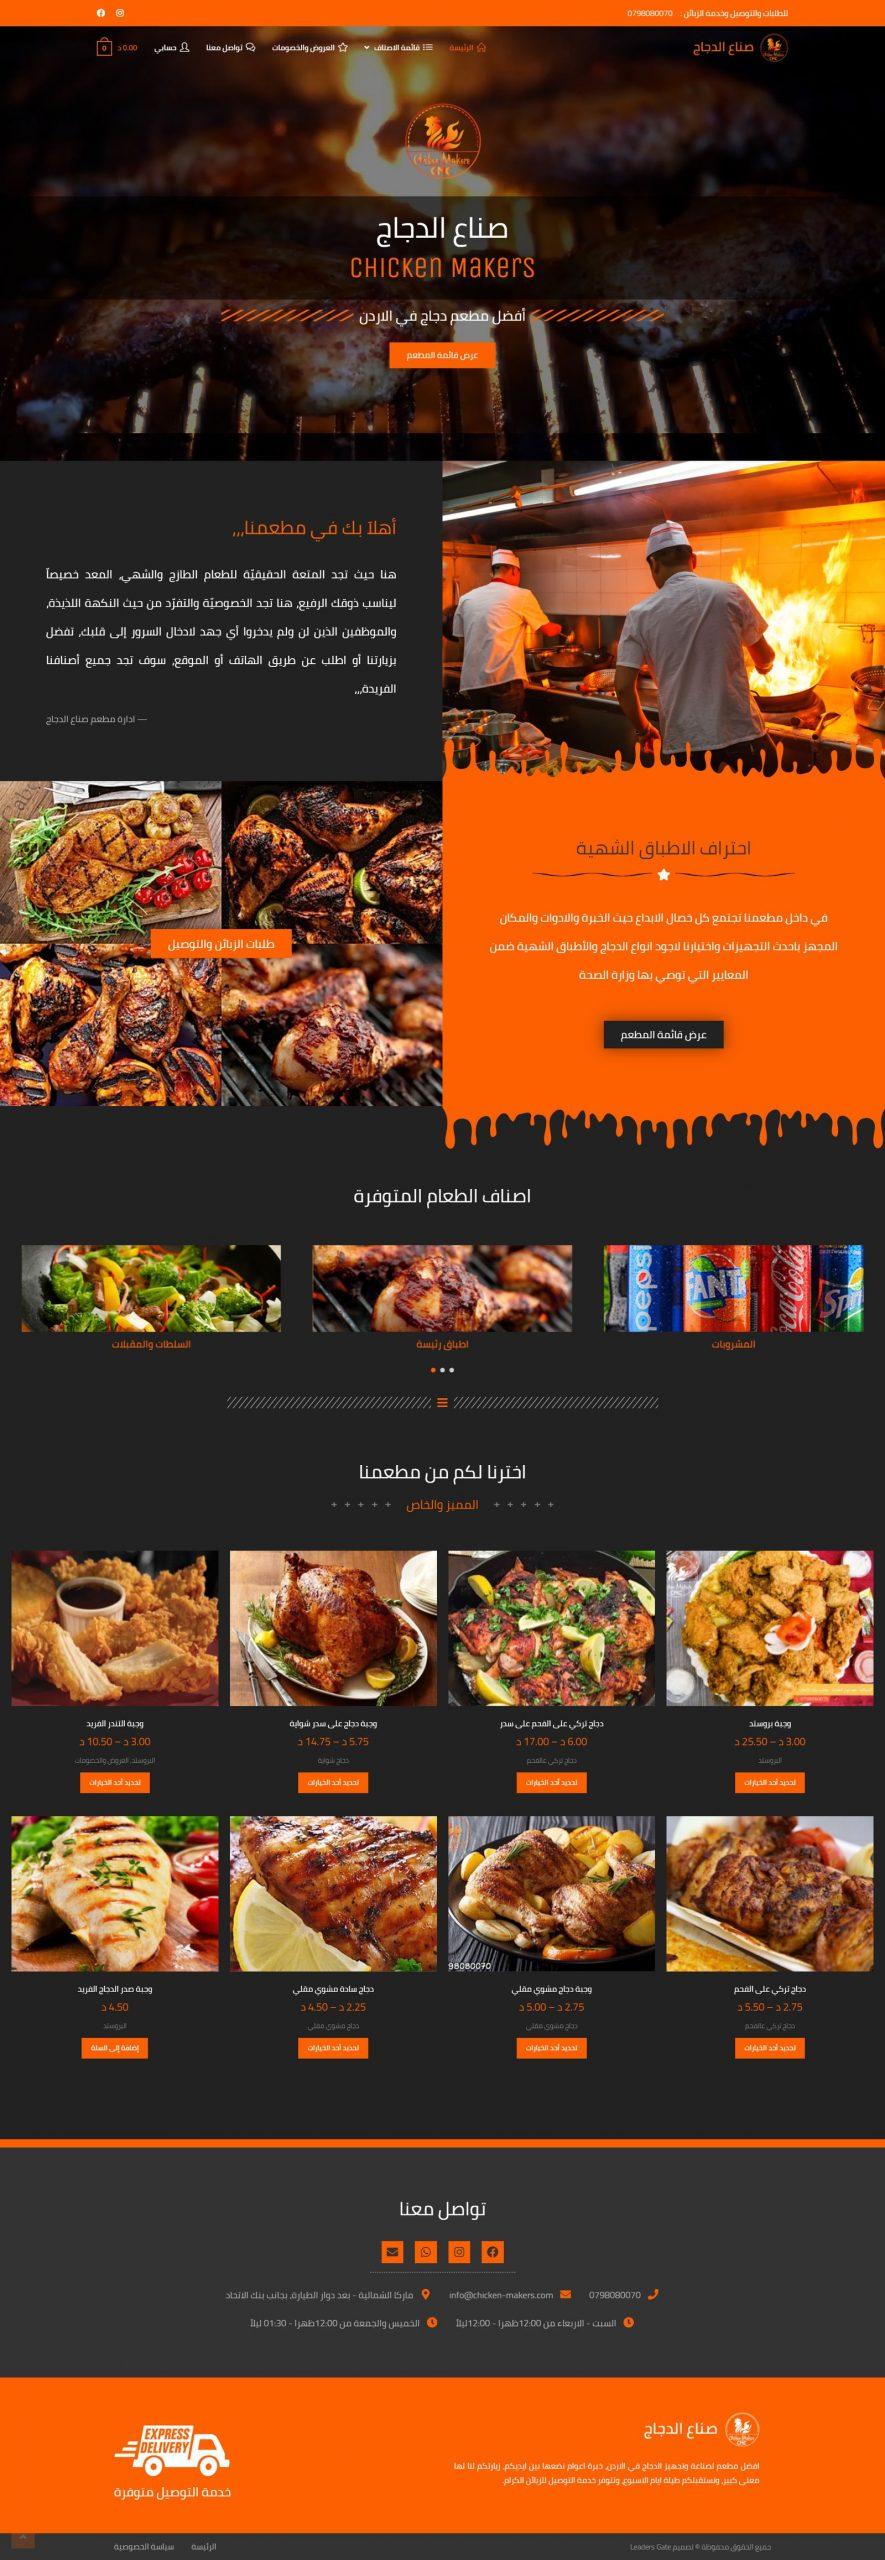 مطعم صناع الدجاج